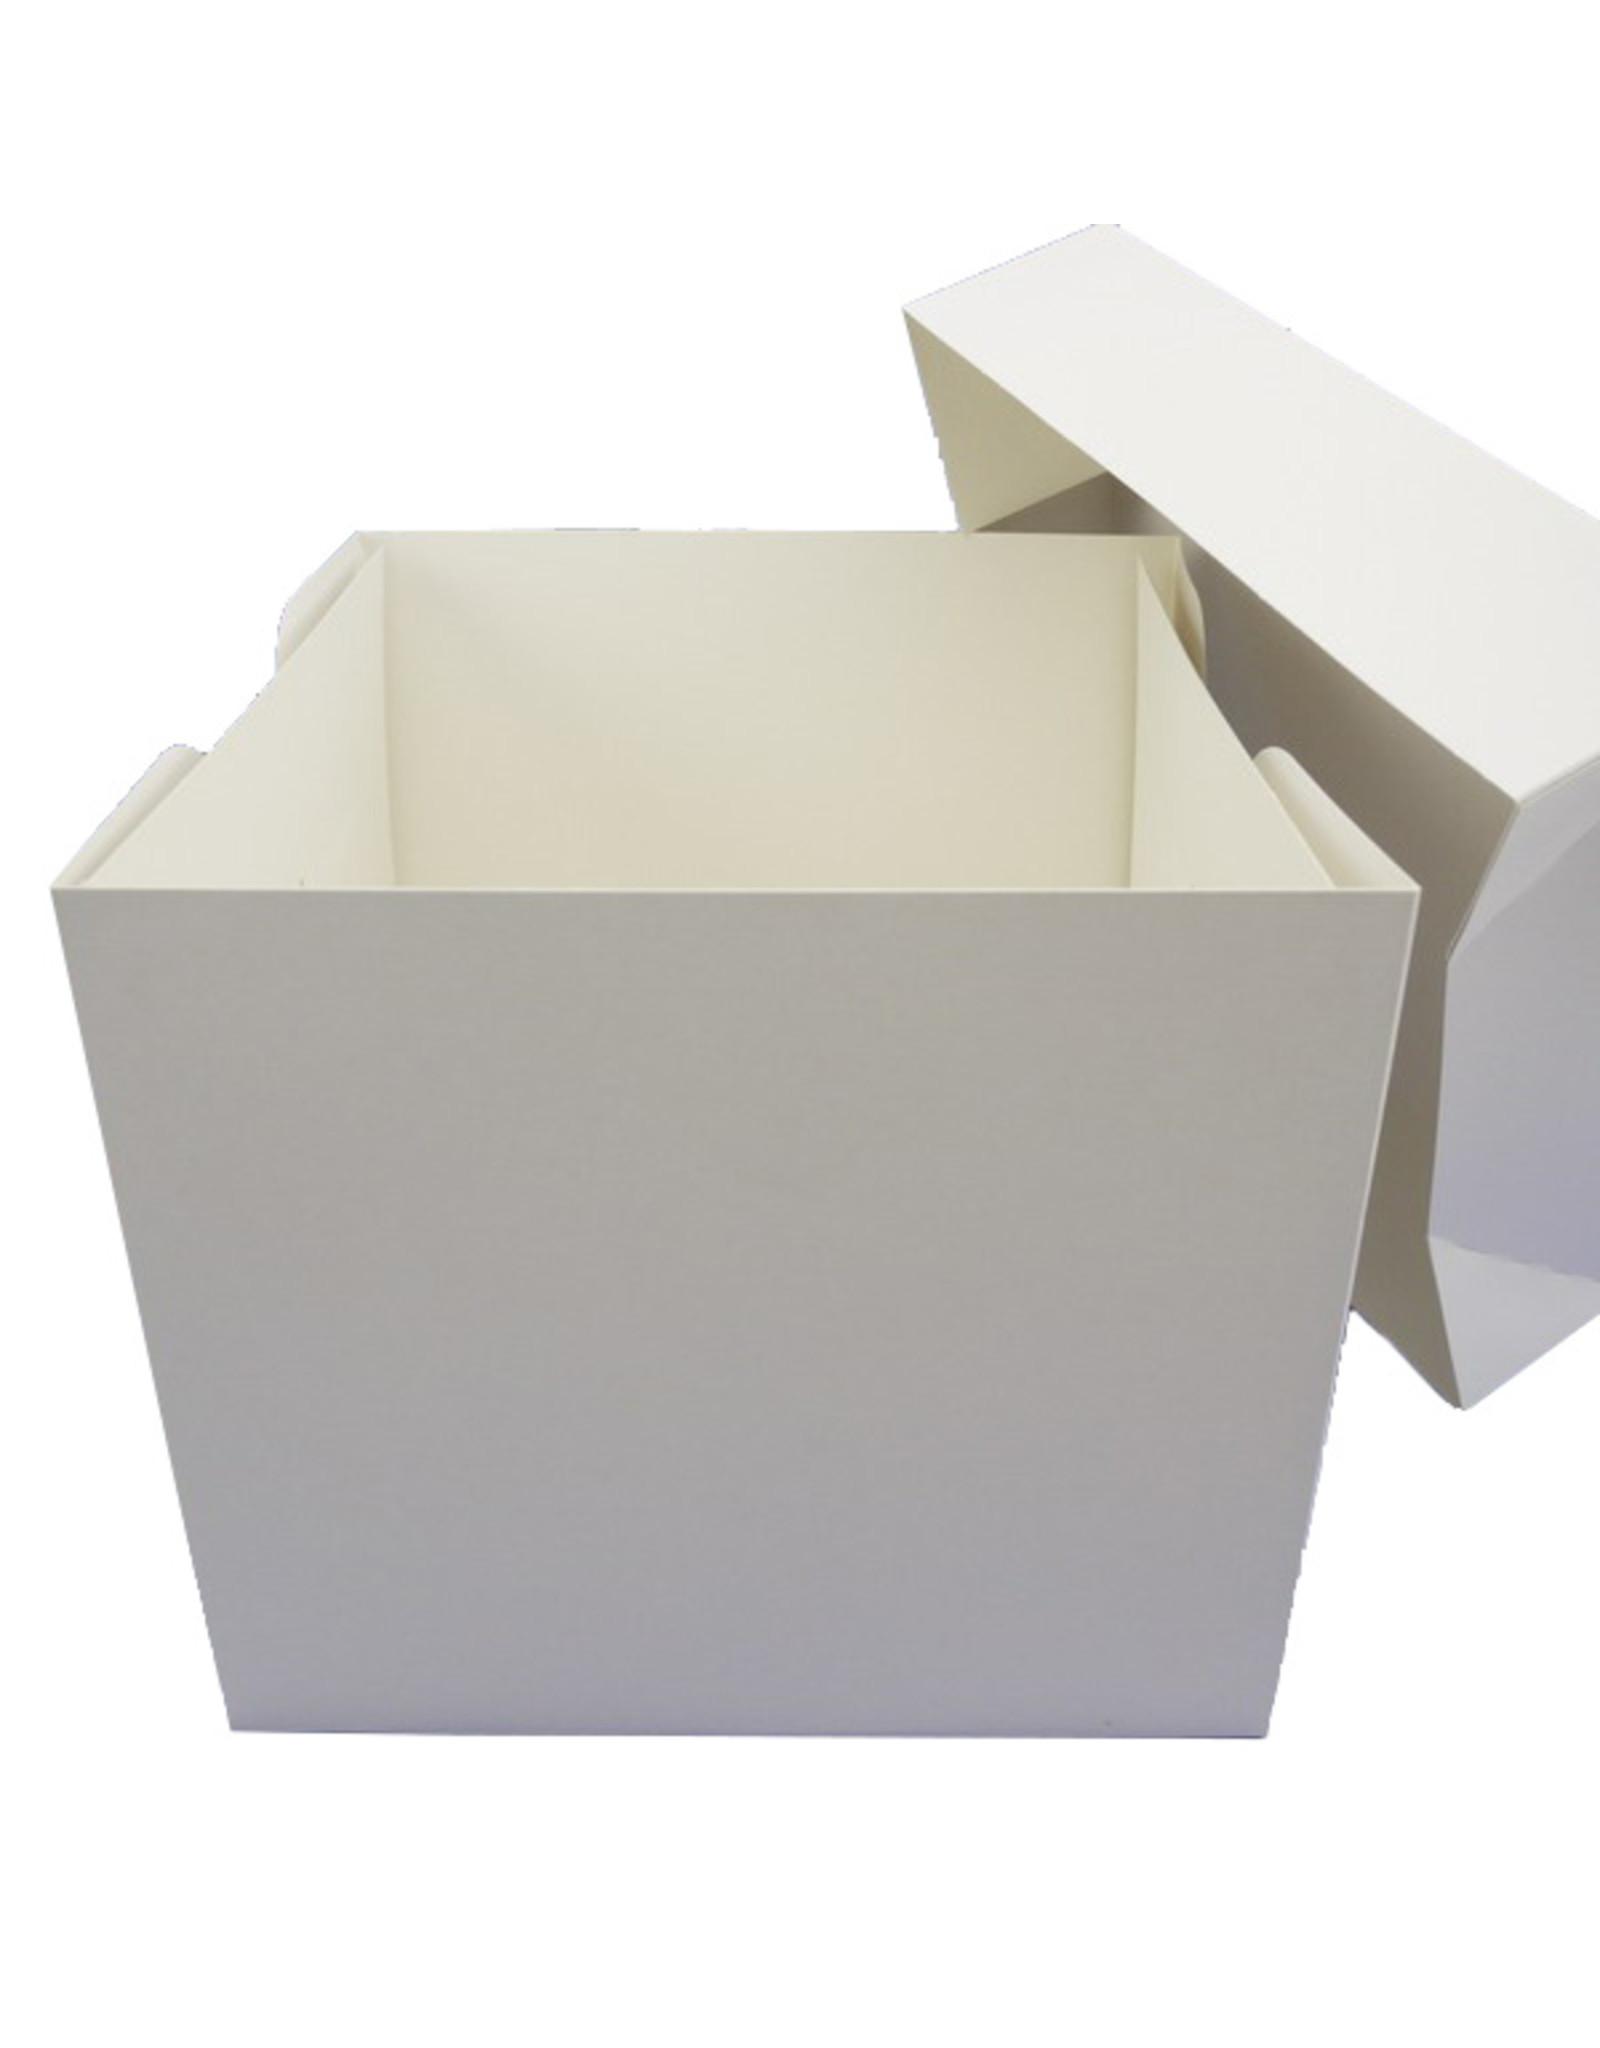 Hoge taartdoos - 30x30x28 (per 50 stuks)